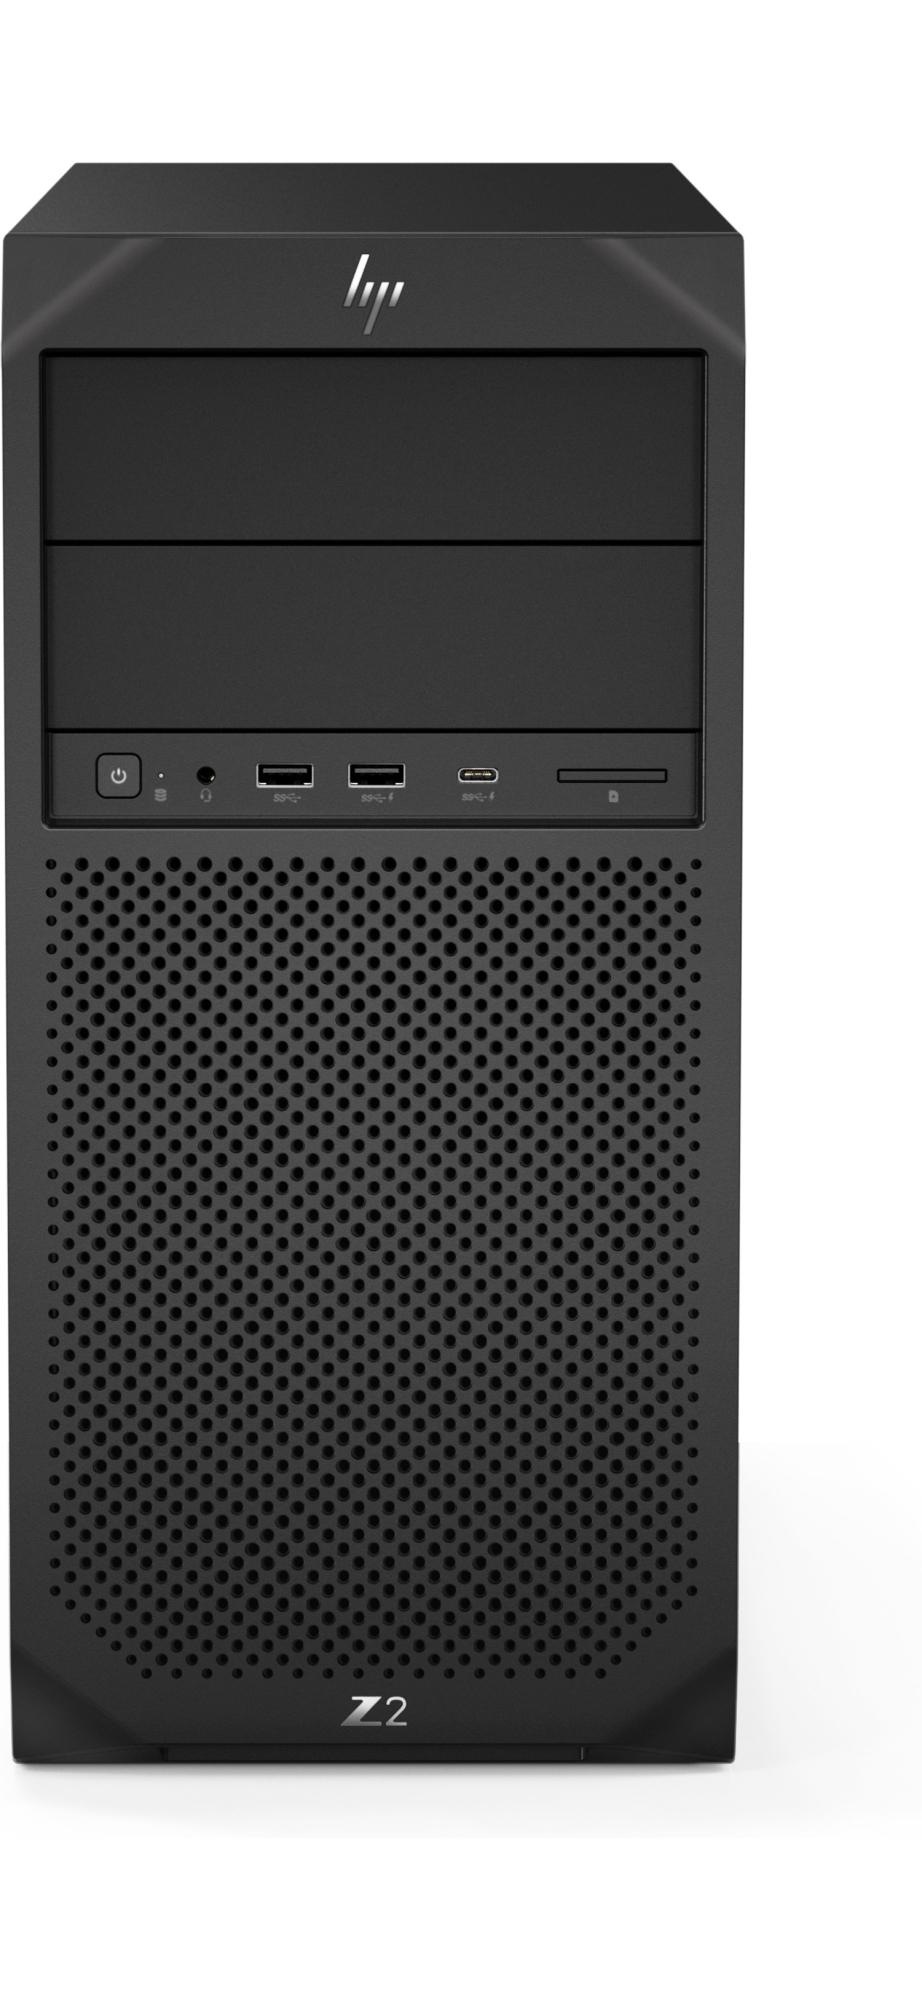 Z2 G4 9na Generación De Procesadores Intel® Core™ I7 I7-9700 16 Gb Ddr4-sdram 1256 Gb Hdd+ssd Tower Negro Puesto De Trabajo Windows 10 Pro